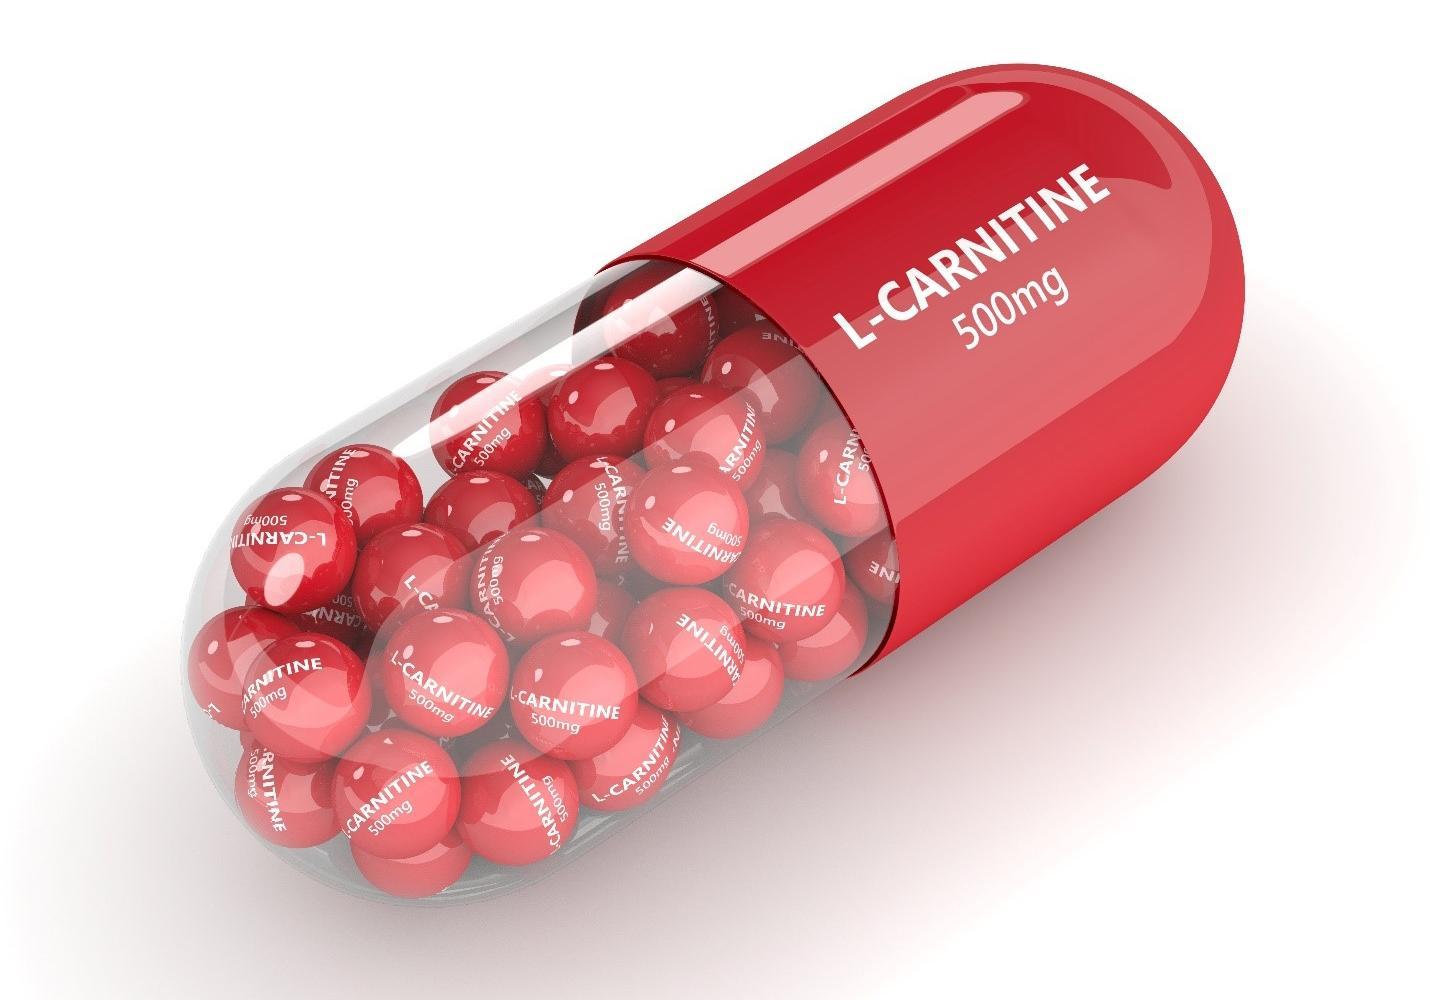 Как трябва да се пие л карнитин